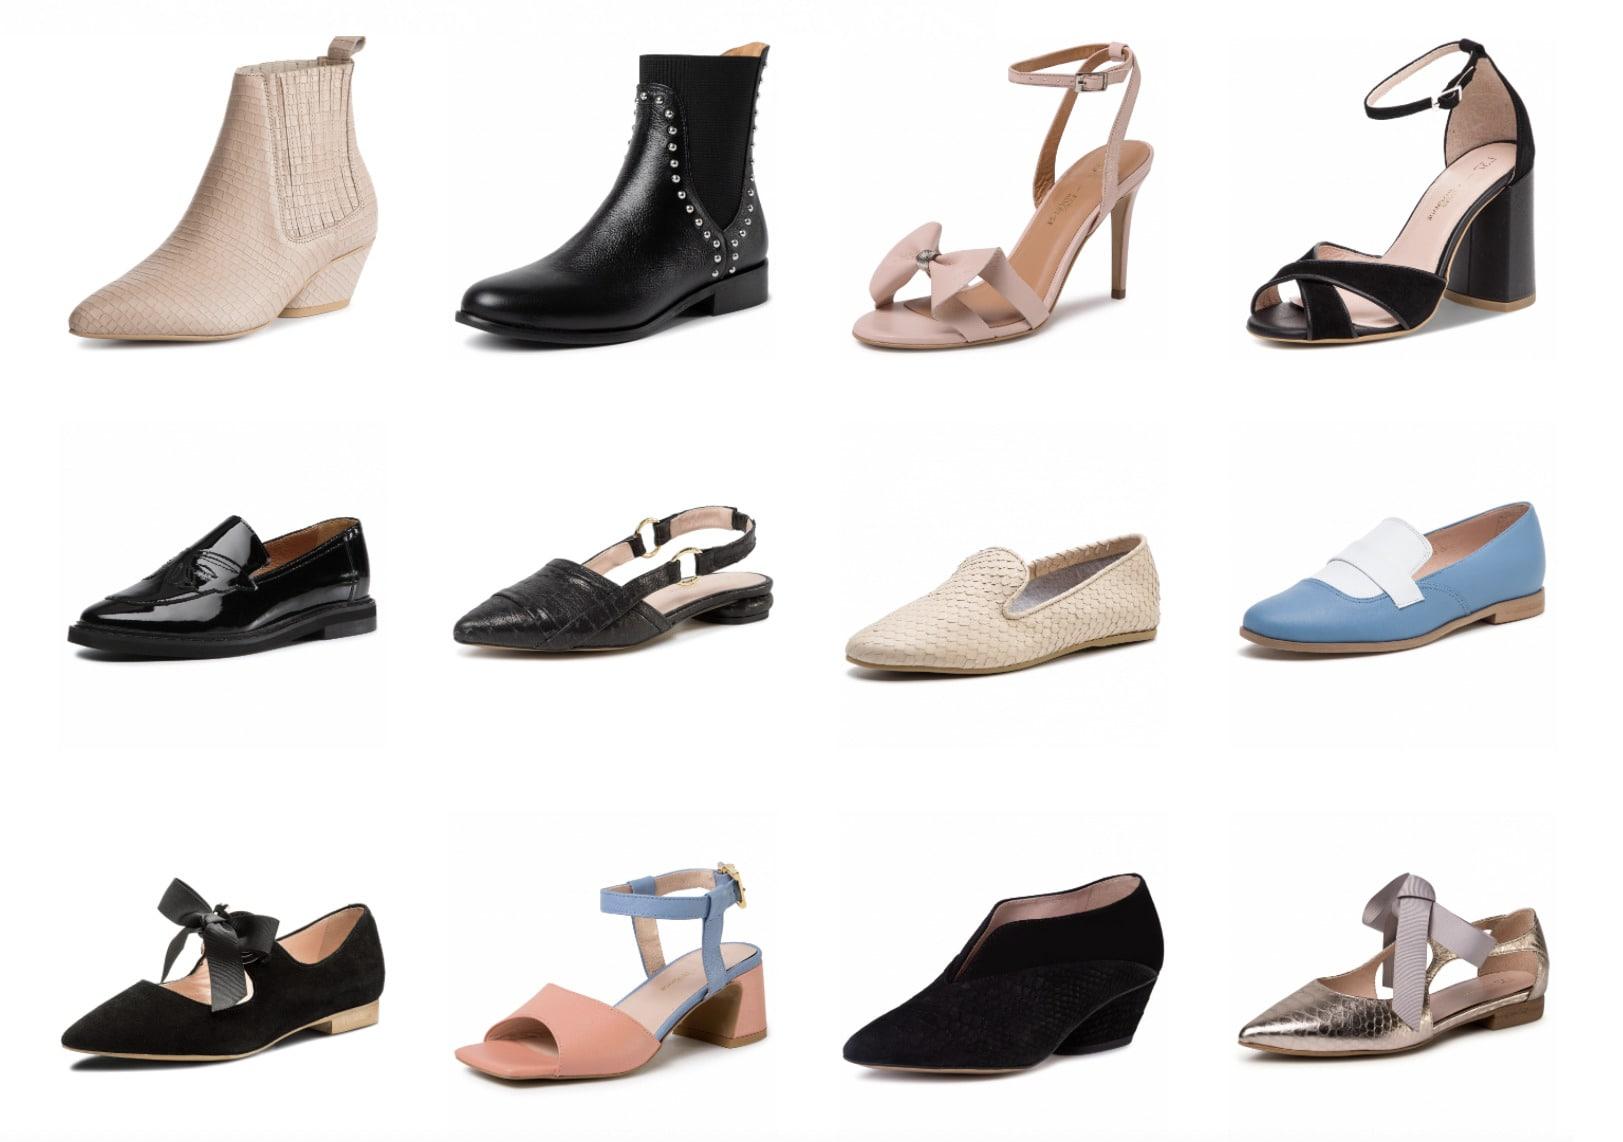 польская обувь фото 4